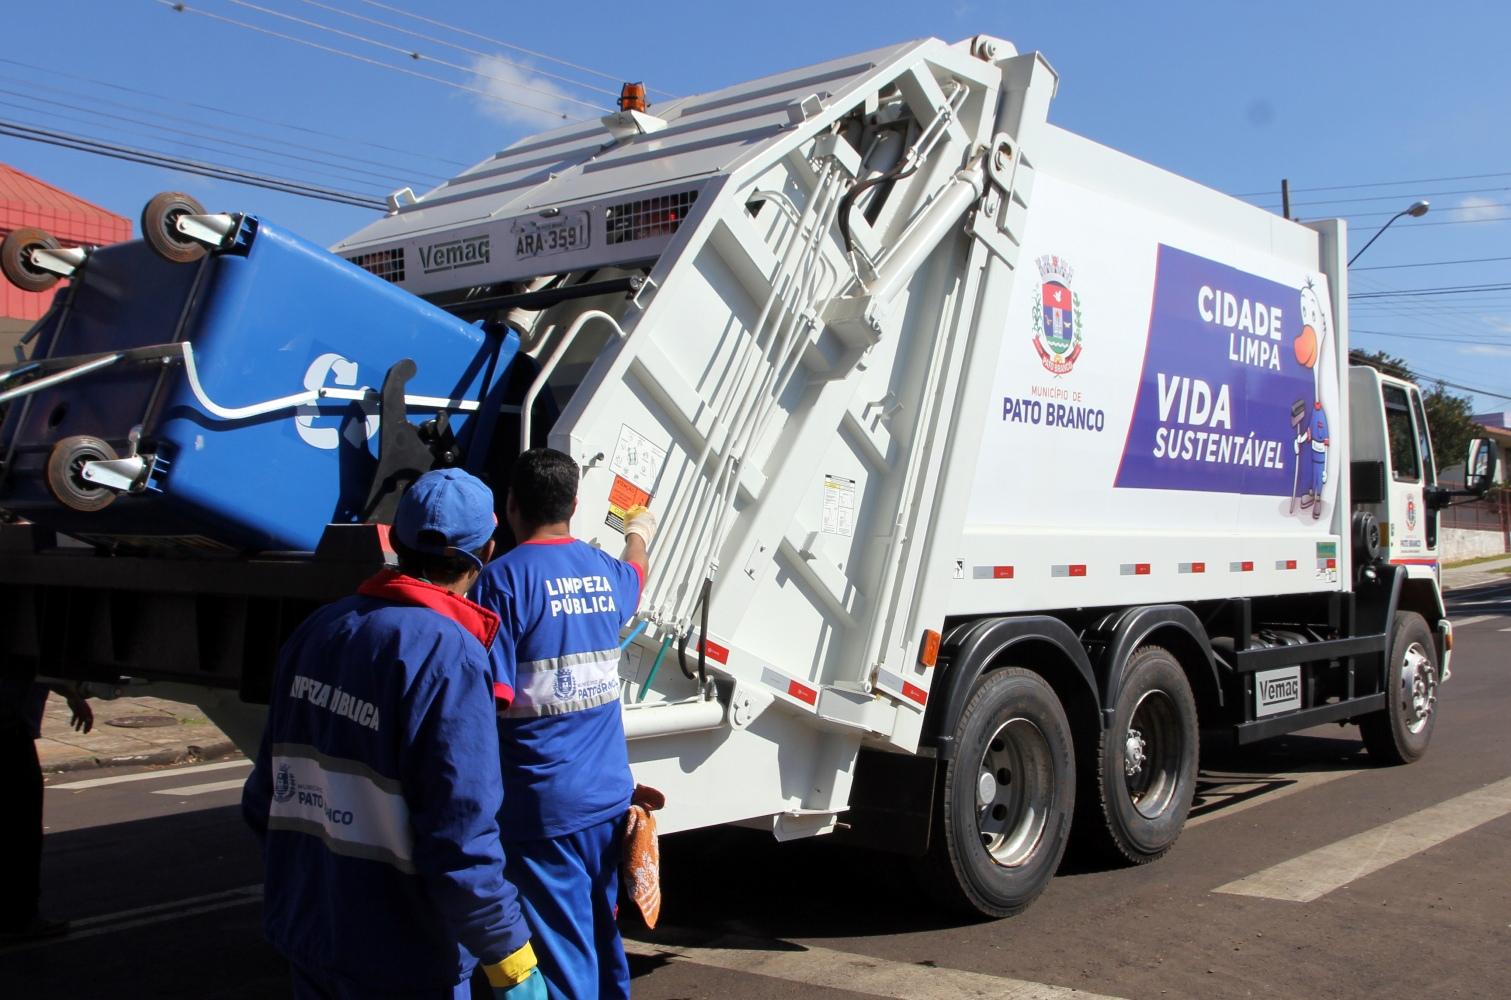 Após modernização, coleta do lixo reciclável aumenta em Pato Branco